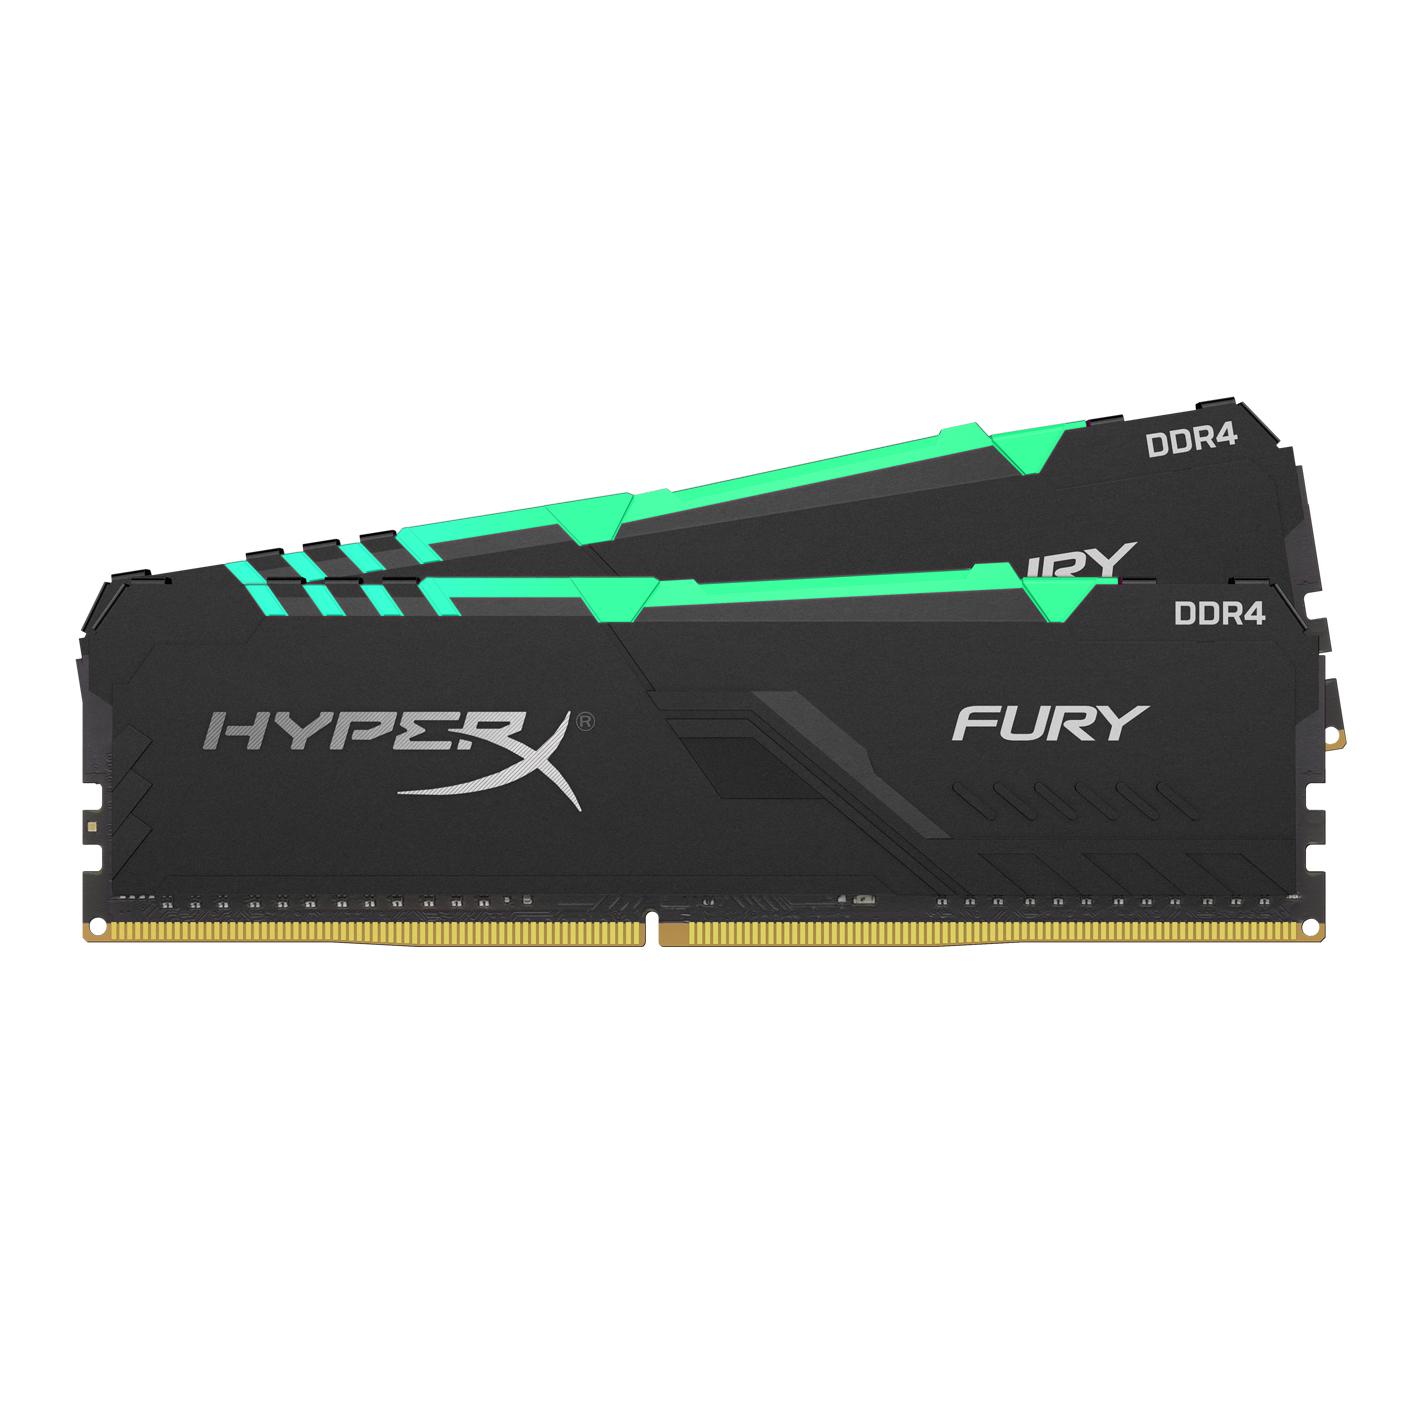 HYPERX FURY HX424C15FB3AK2/16 MEMORY MODULE 16 GB DDR4 2400 MHZ